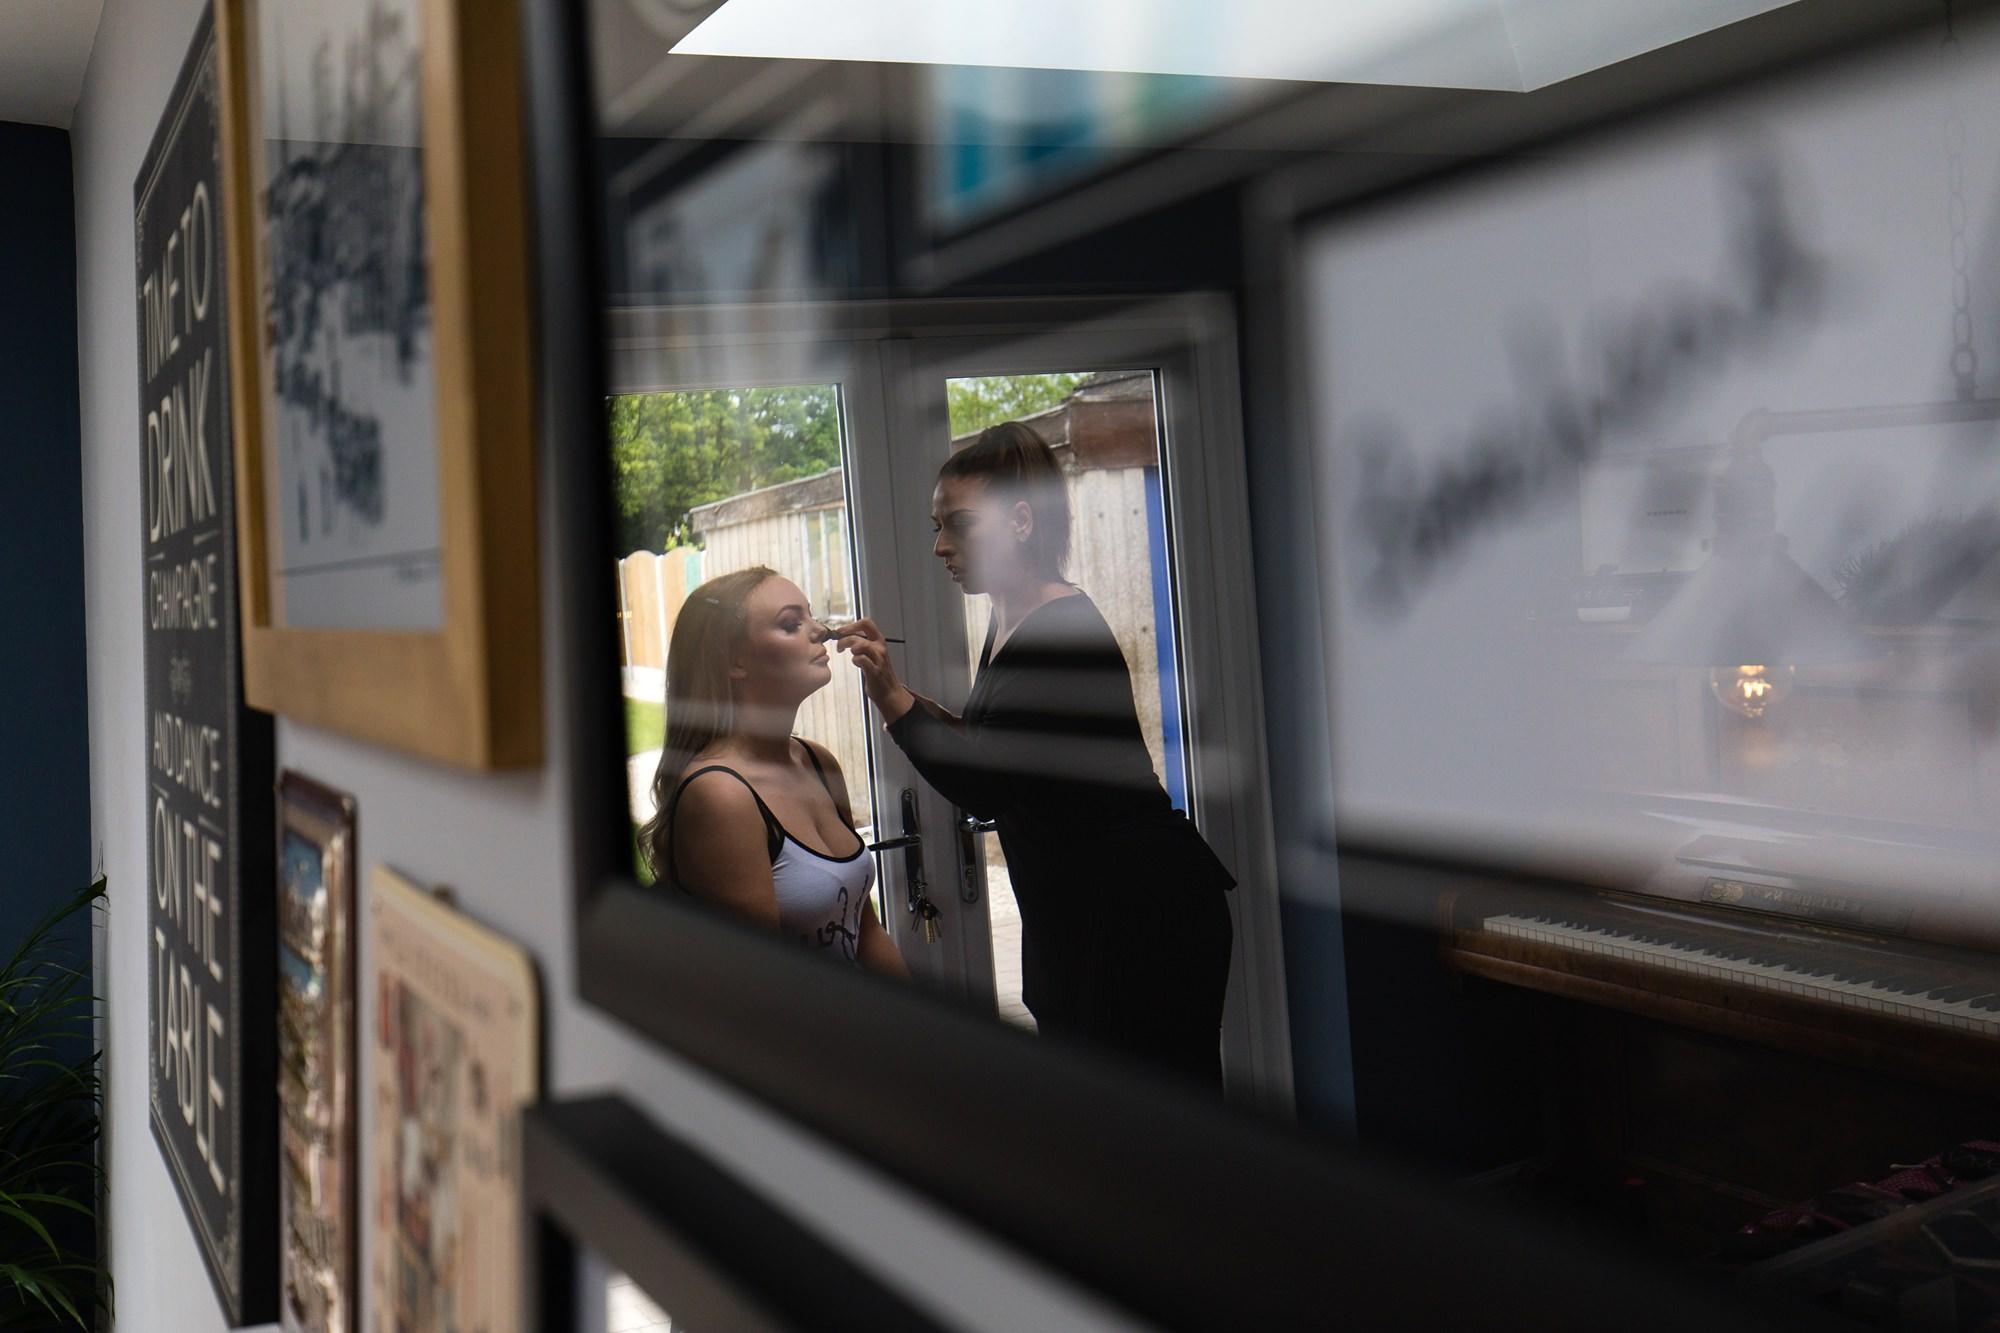 Villa farm wedding photography mirror reflection